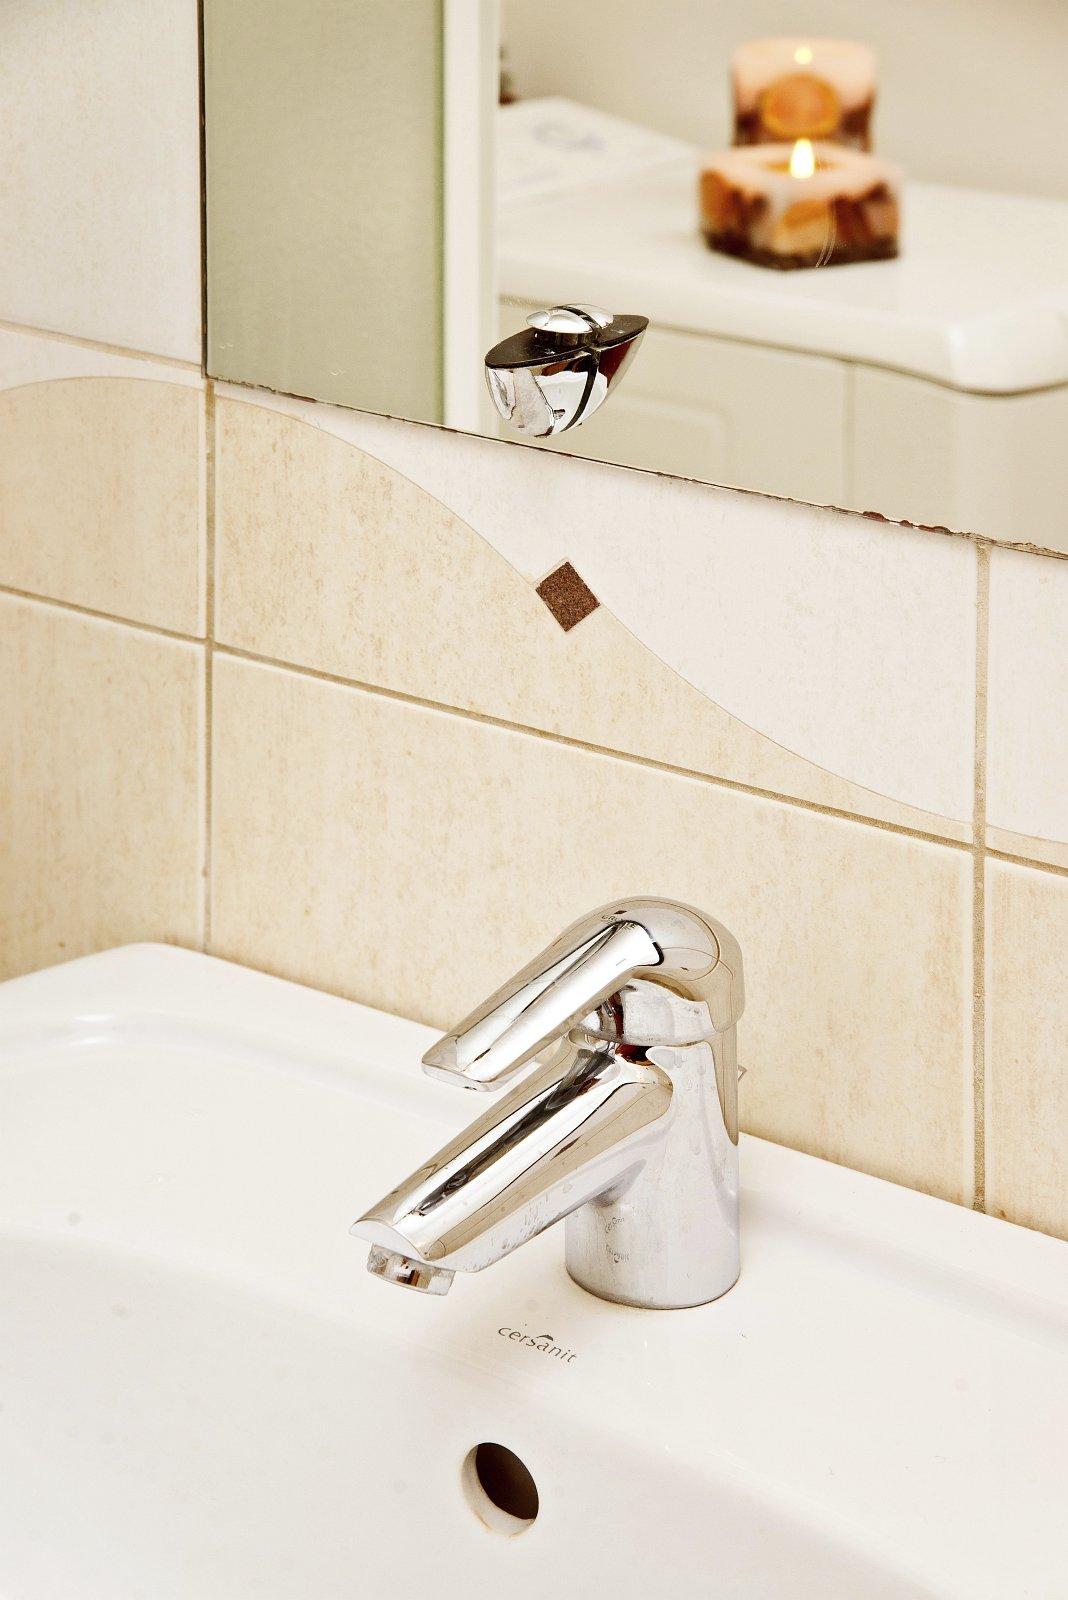 mieszkanie-wynajem-gdansk-k-03-05web